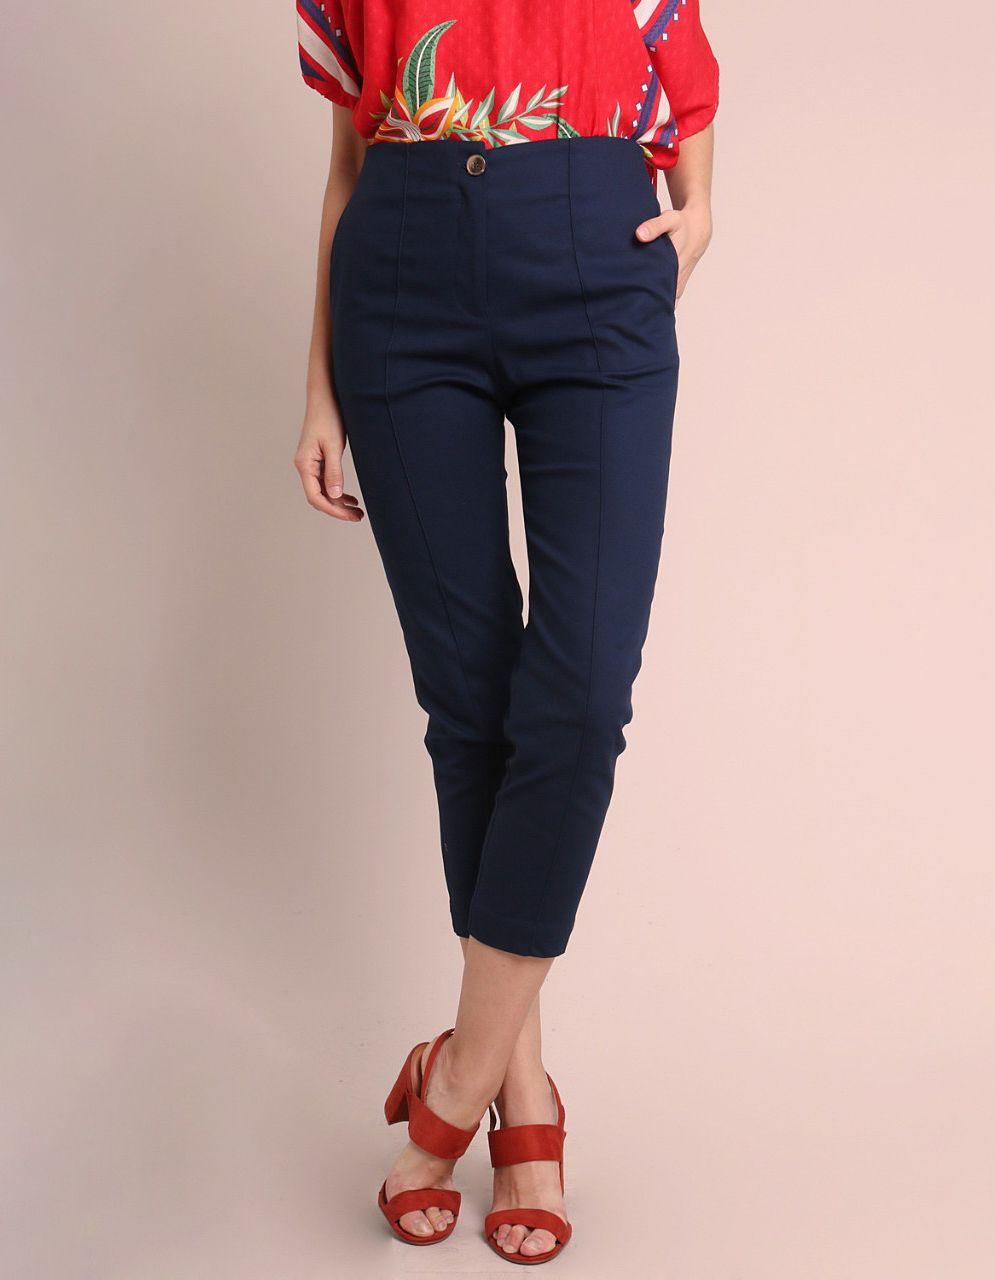 Pantalón Capri algodón marrón, azul oscuro o gris, cremallera frontal y bolsillos laterales Malagueta-72143MAL-A